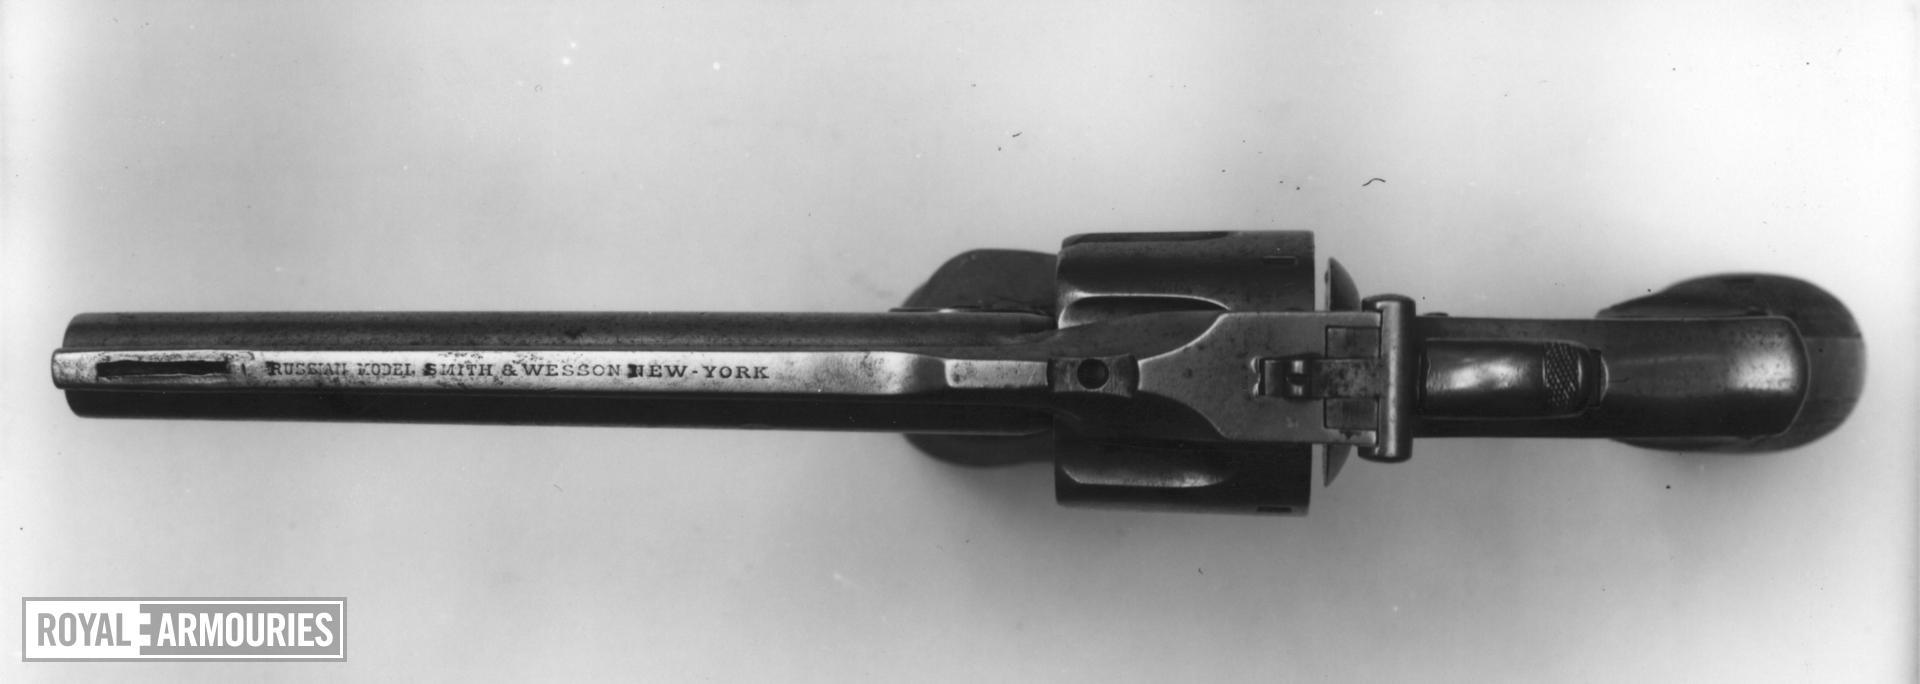 Rimfire six-shot revolver - Smith & Wesson New Model Russian copy